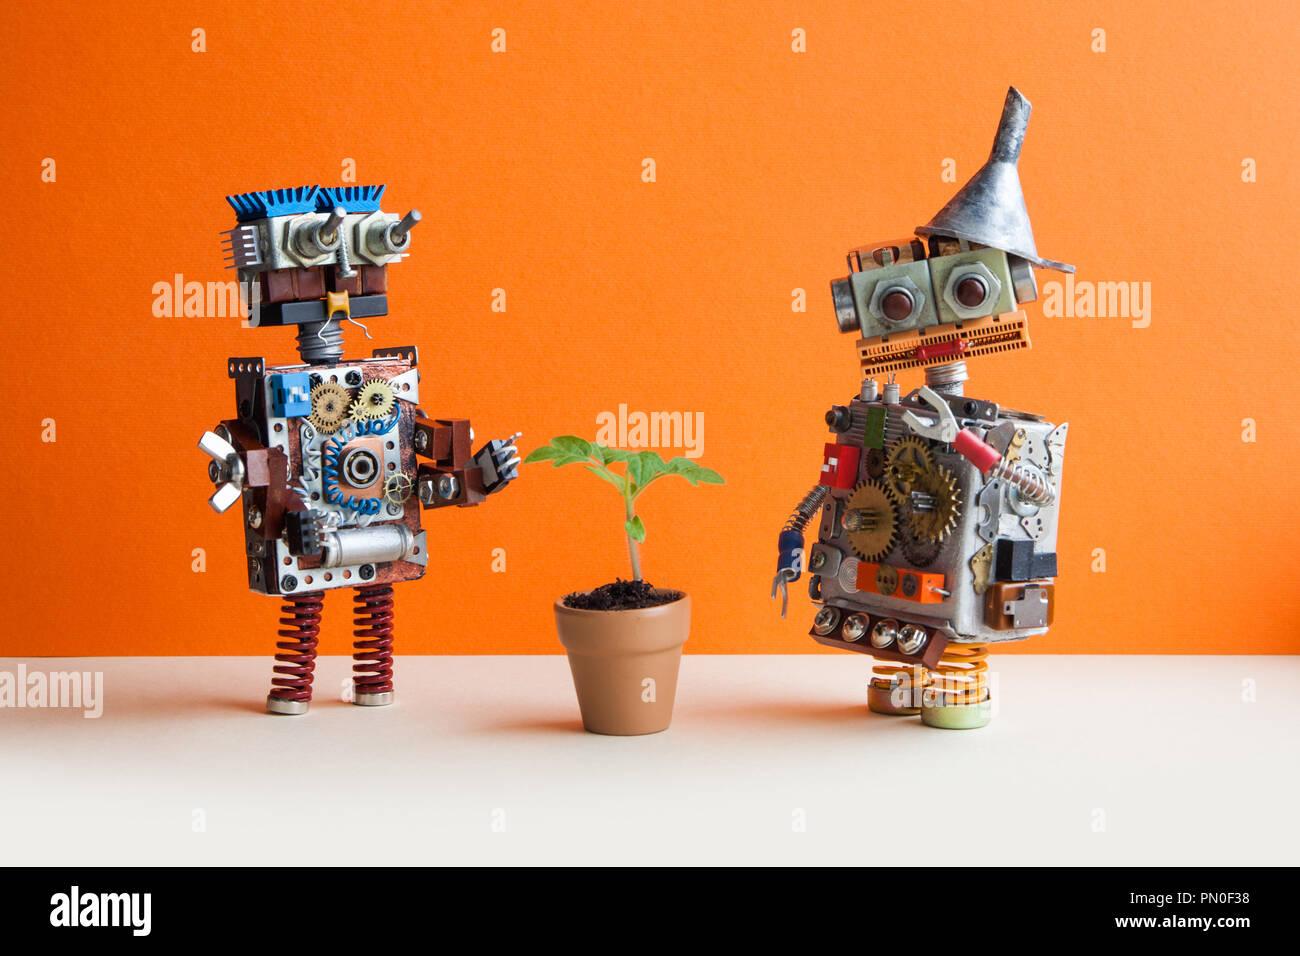 Dos robots cómicos y planta verde. Fondo pared naranja Imagen De Stock